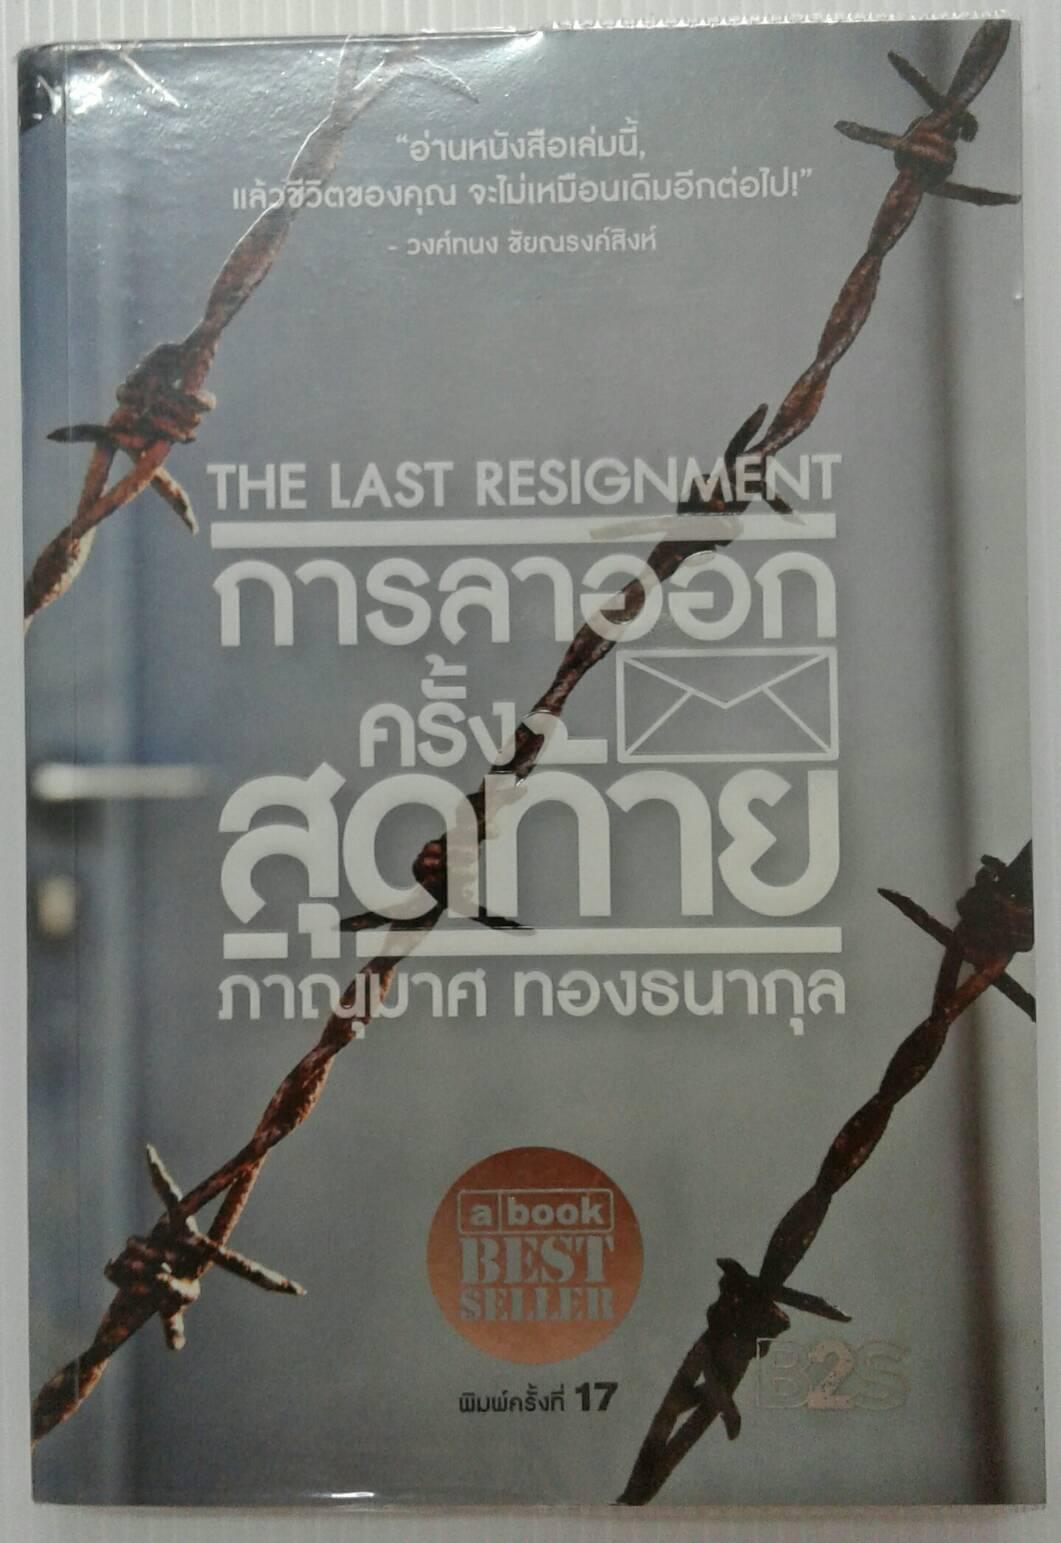 การลาออกครั้งสุดท้าย The Last Resignment